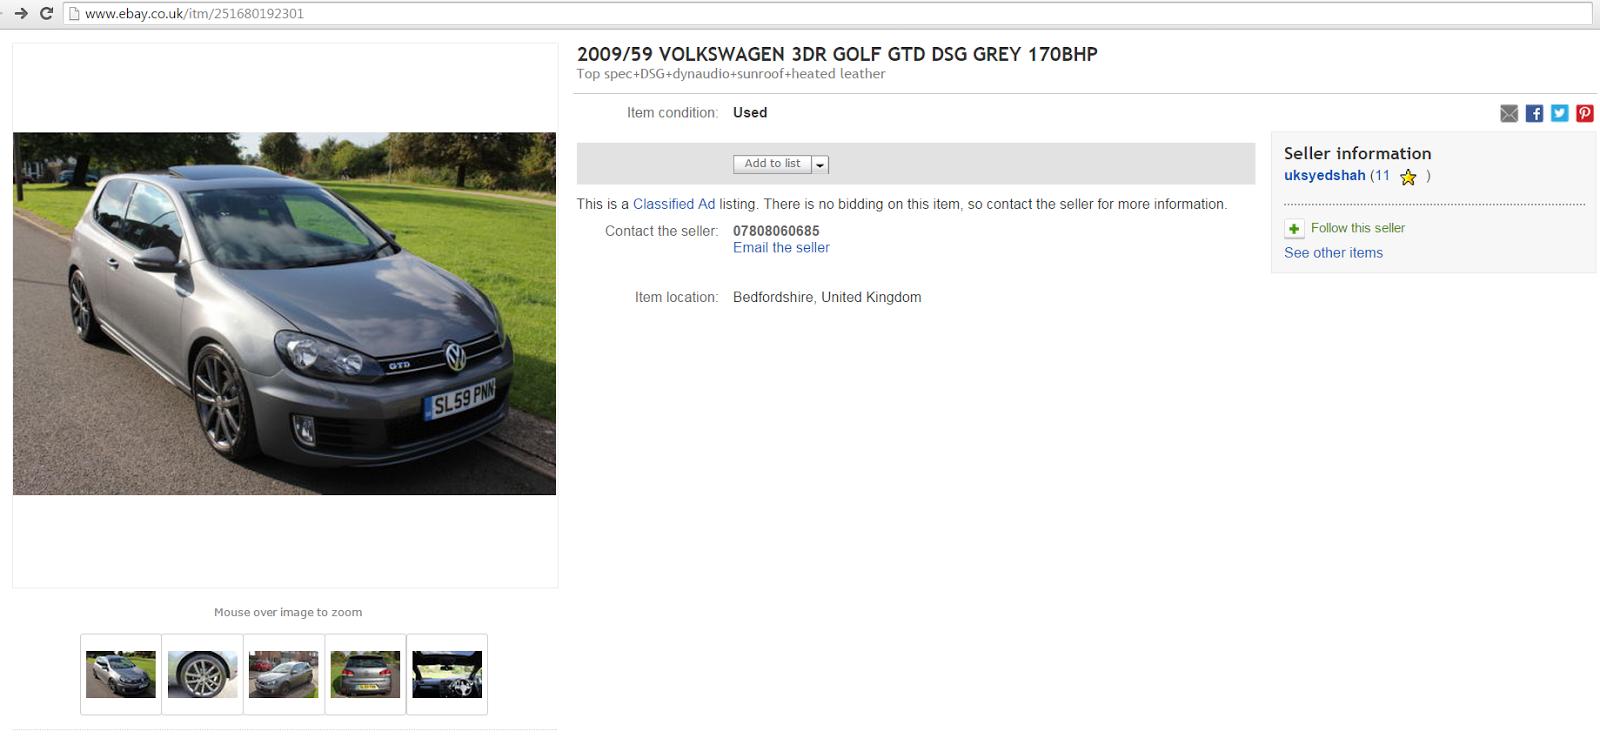 Original legitimate ebay listing october 2014